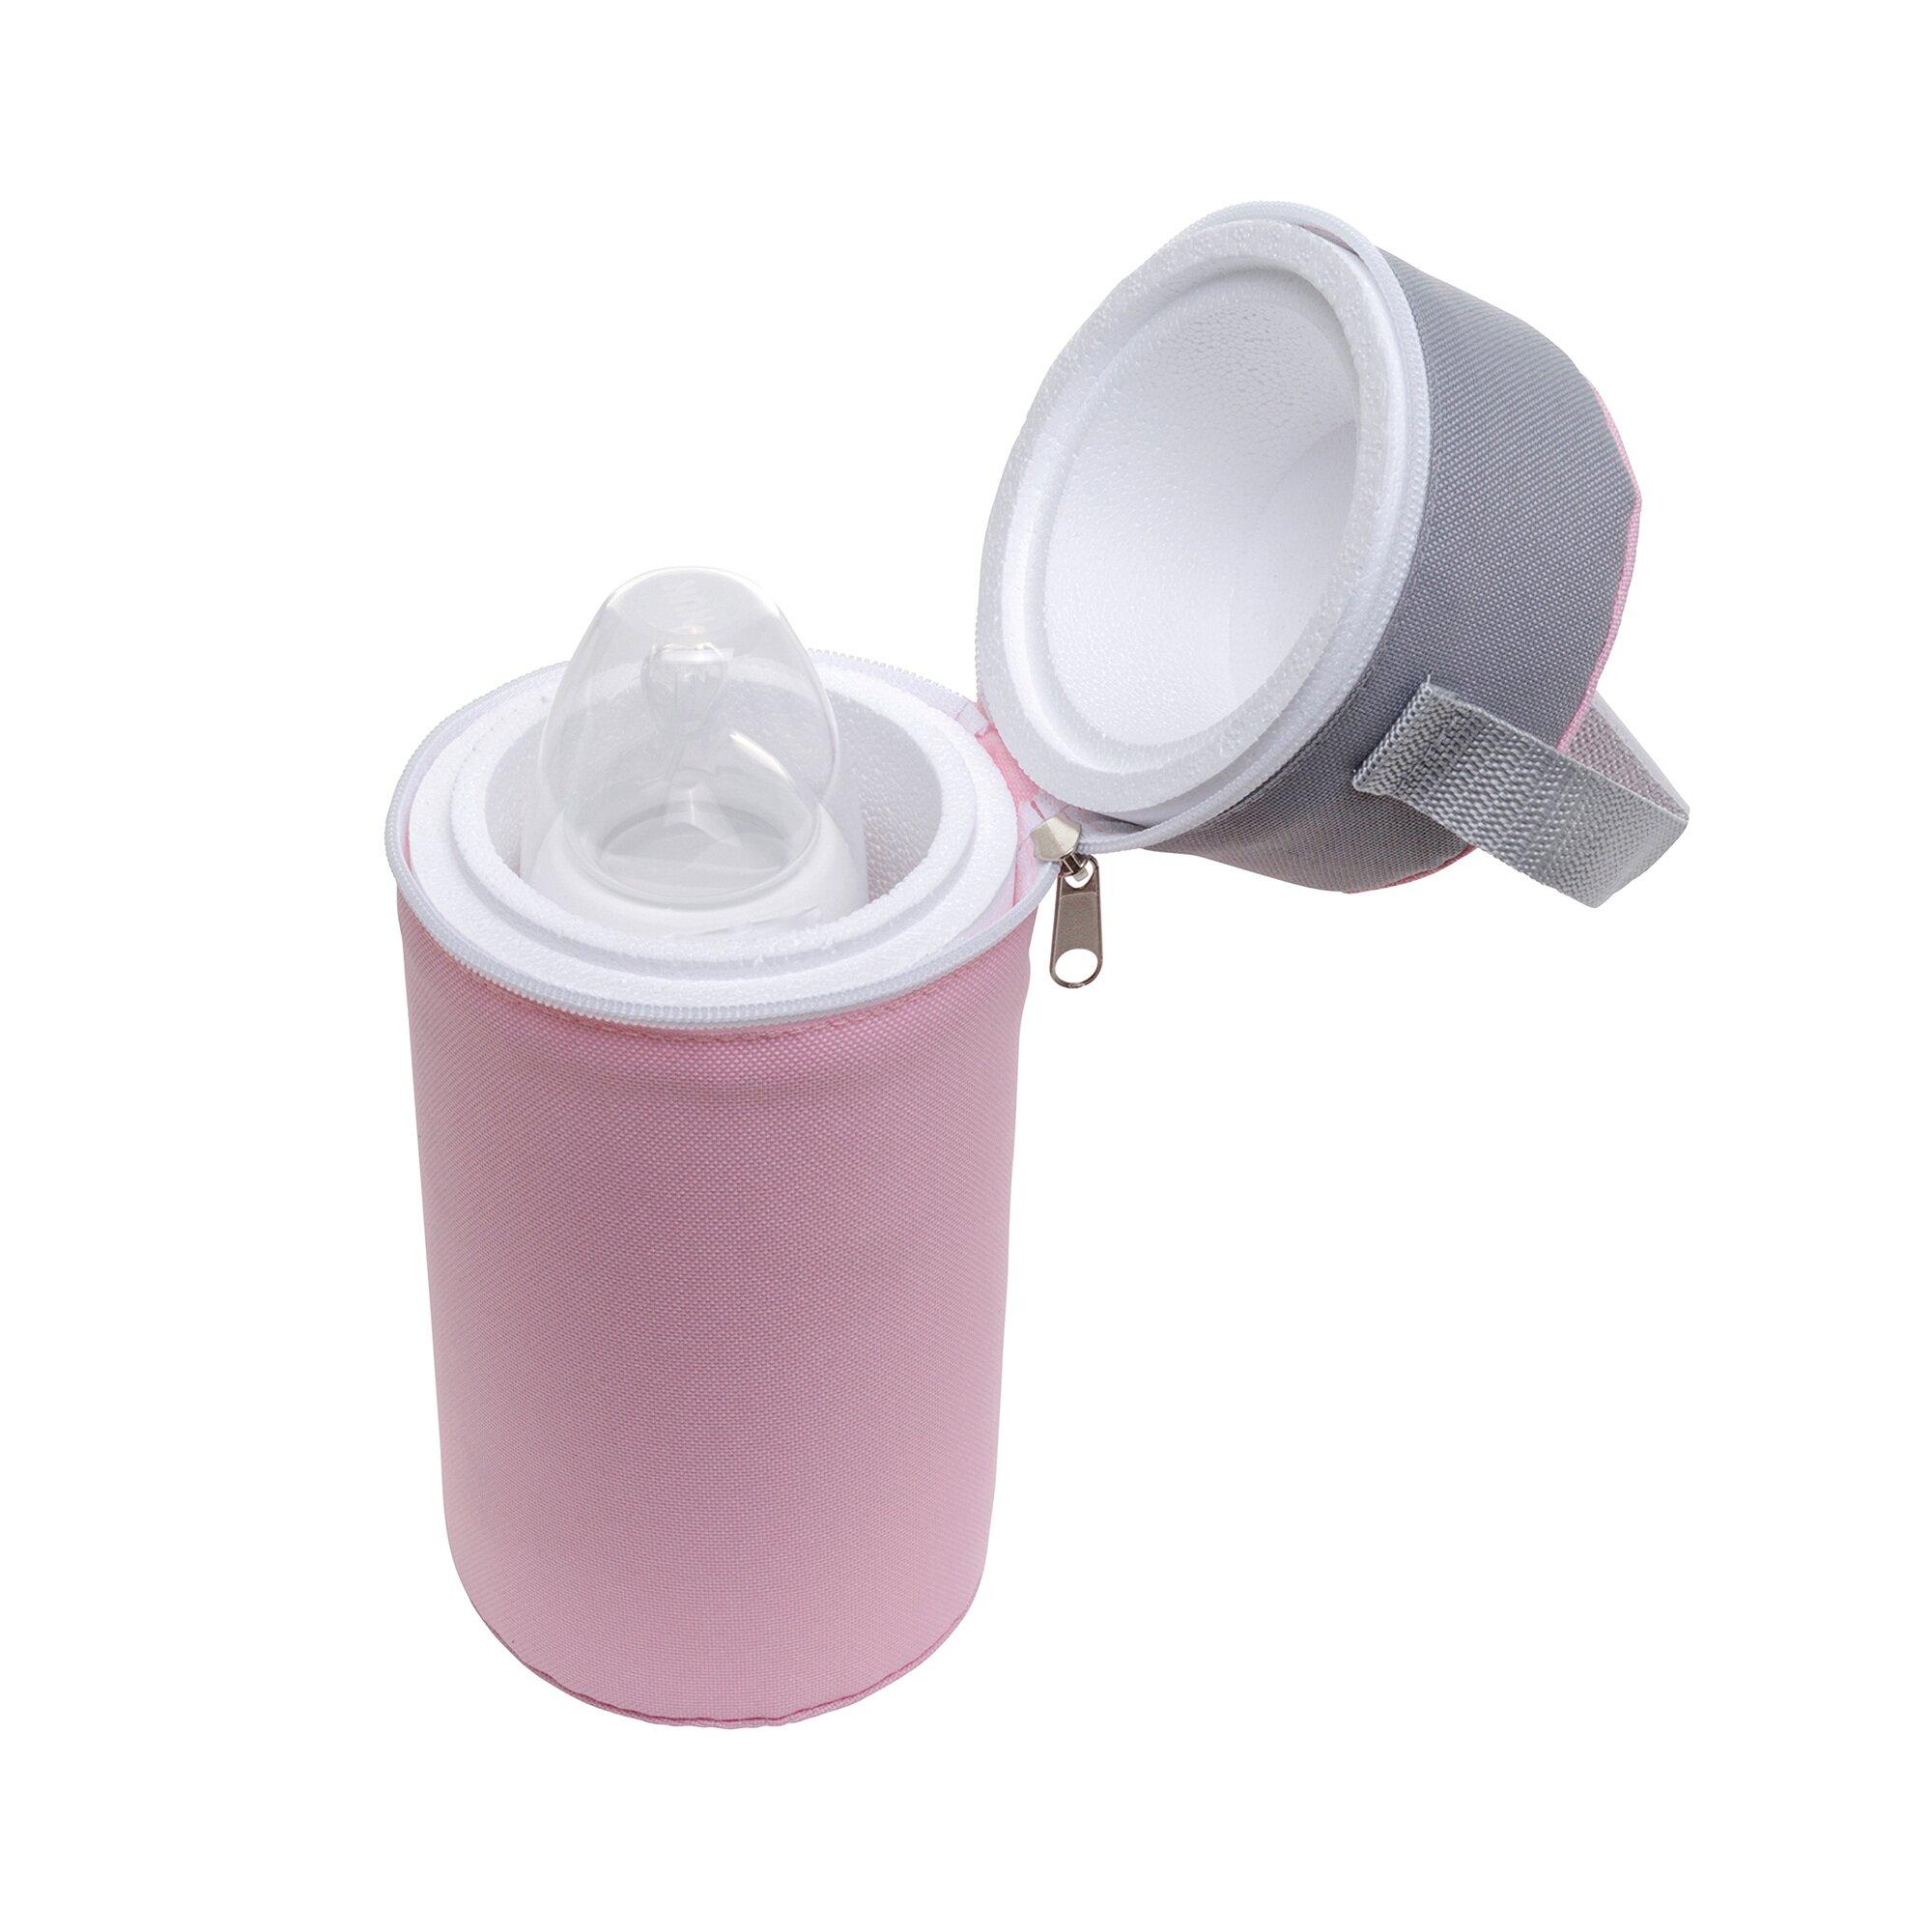 rotho-babydesign-warmhaltebox-fur-weithalsflaschen